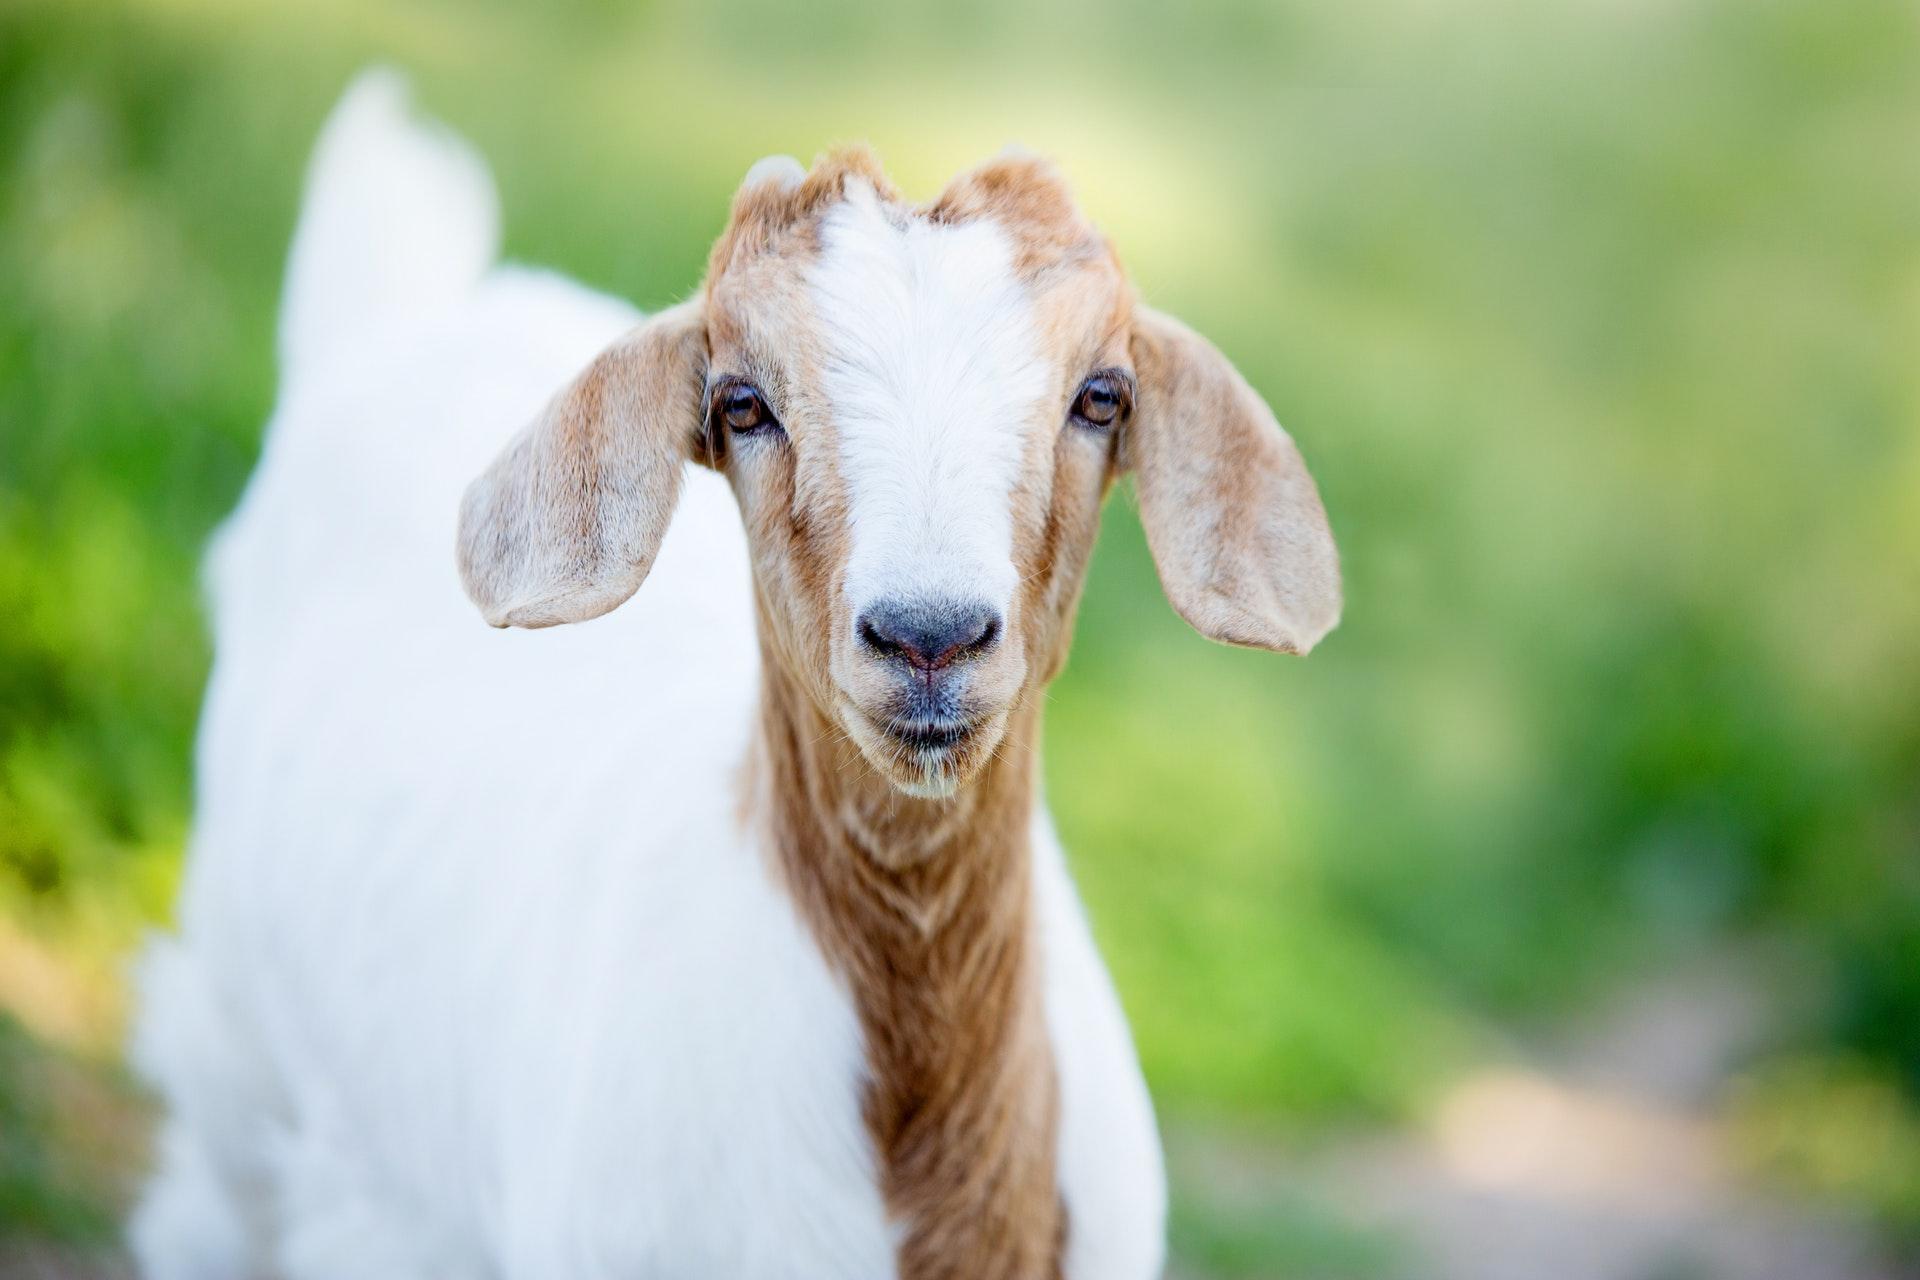 Sonhar com cabra filhote é sinal para se cuidar mais.